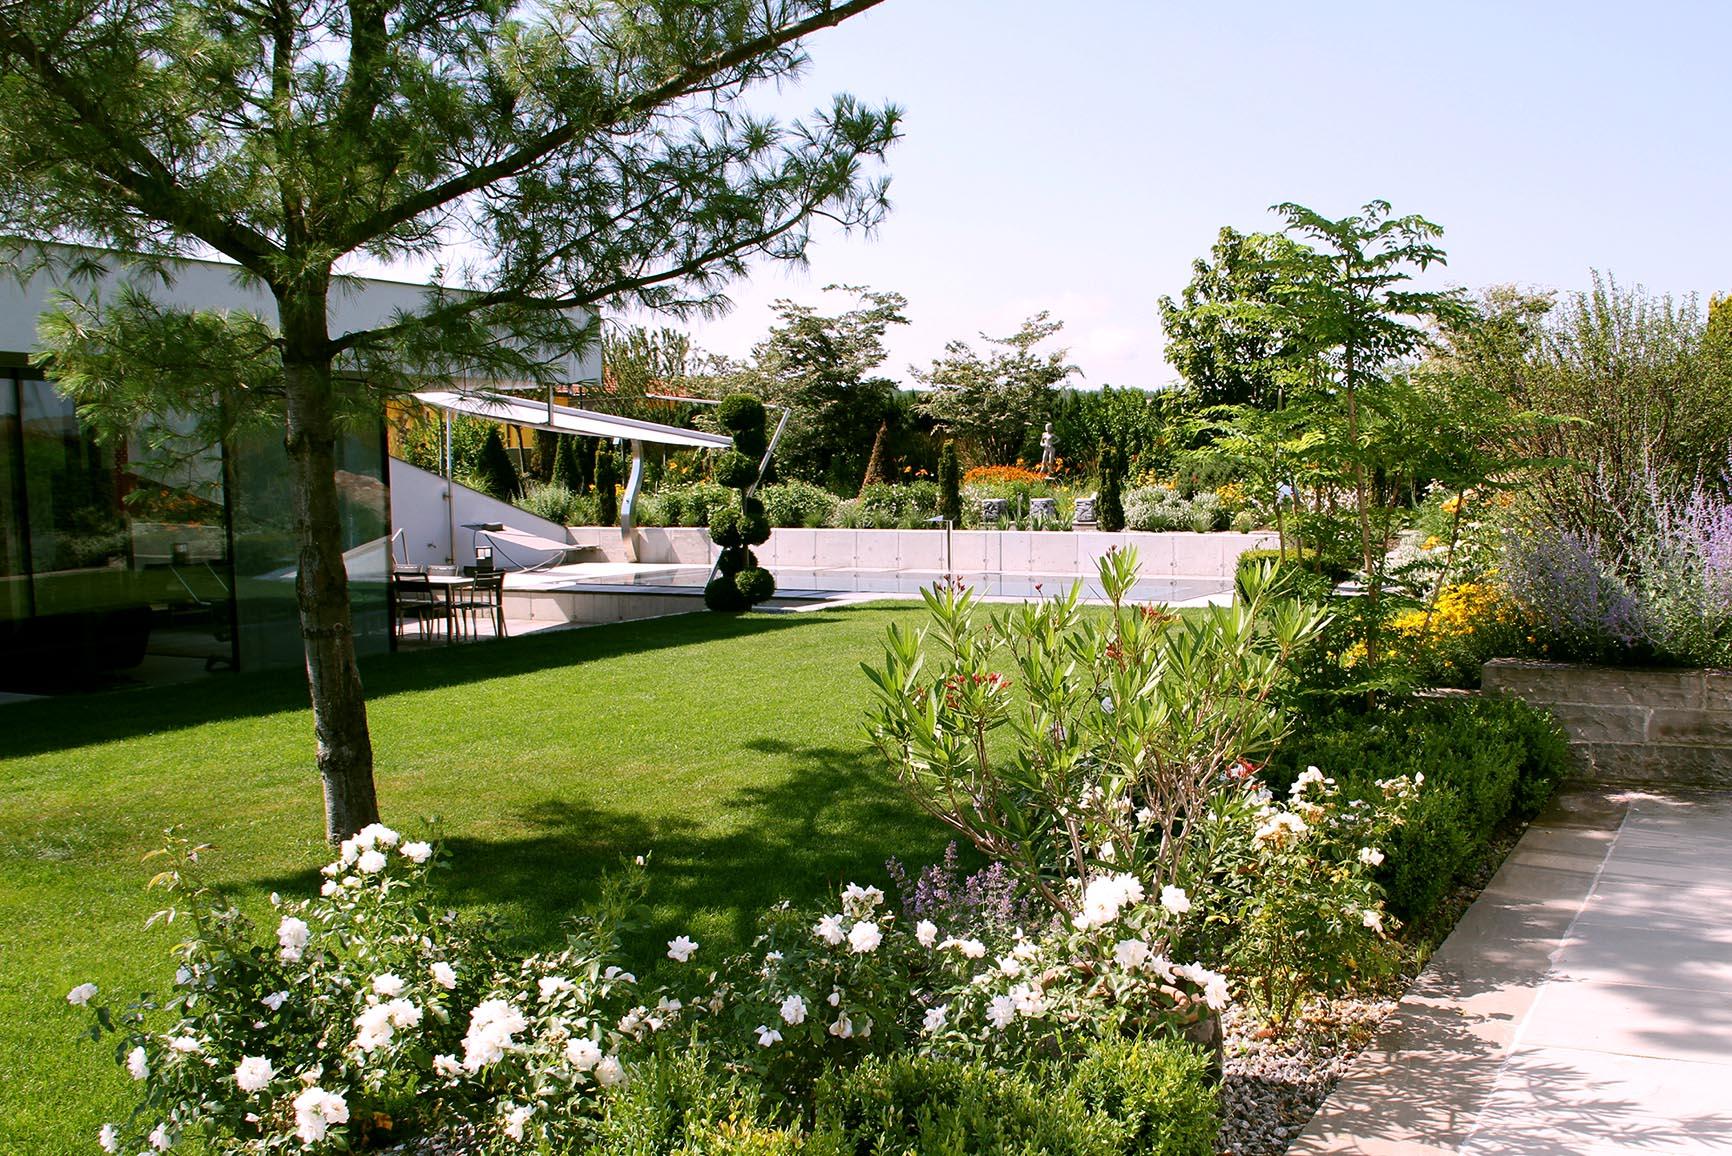 Gartengestaltung mit Poolanlage in Wien